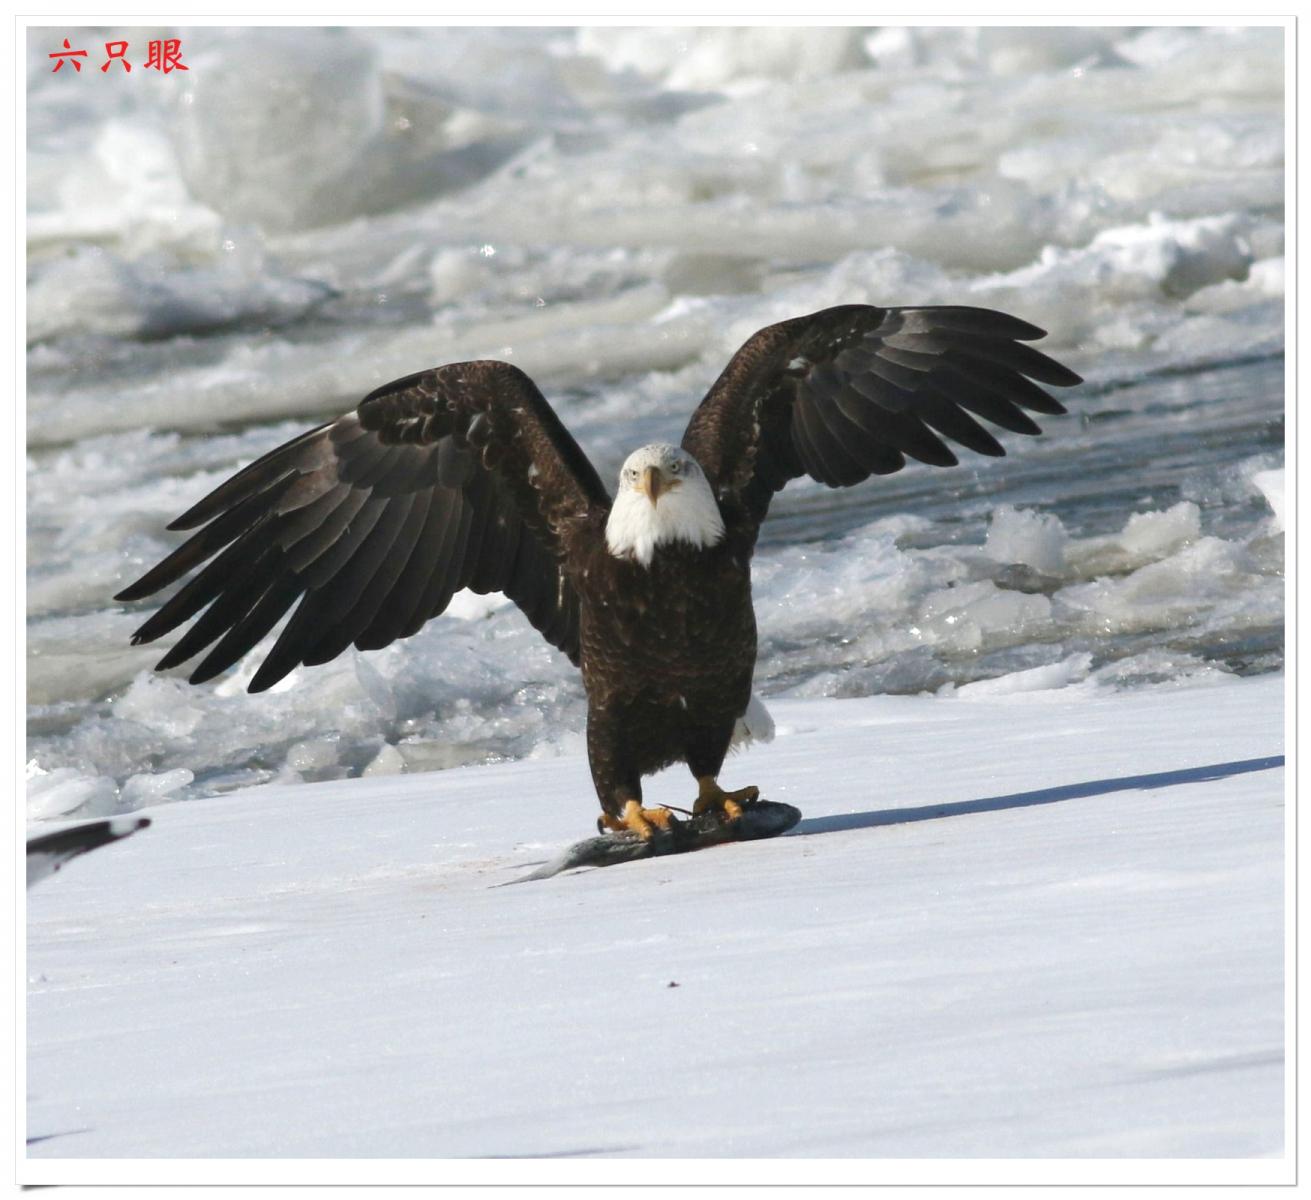 六只眼:冰上鹰姿_图1-3